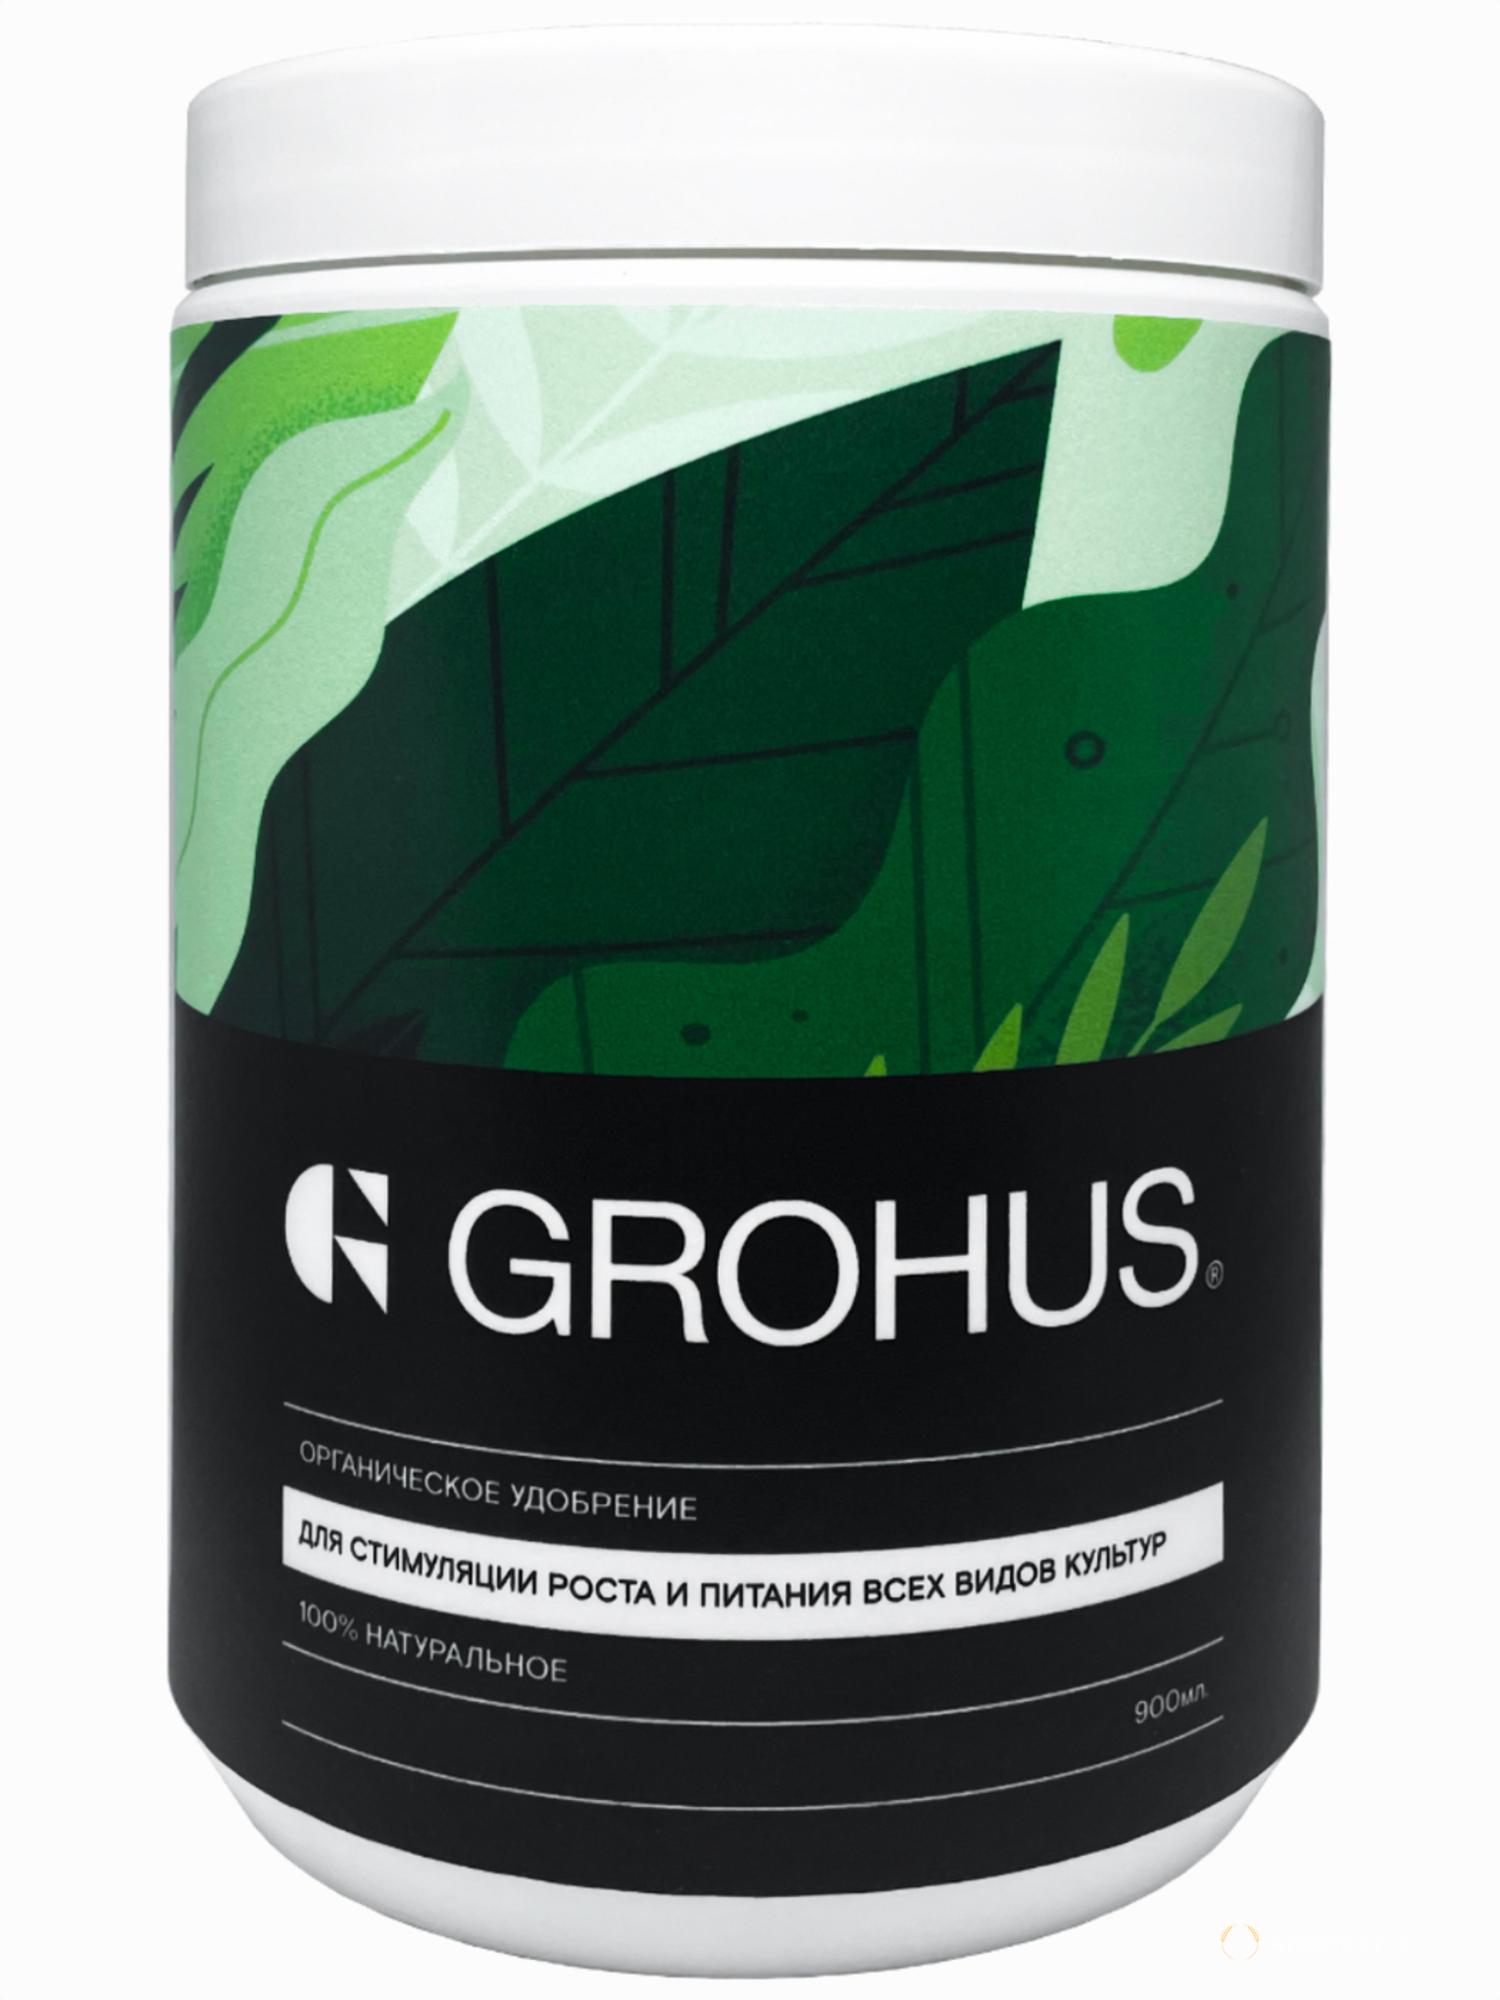 Объявление GROHUS(ГРОХУС) Органическое удобрение в Челябинской области